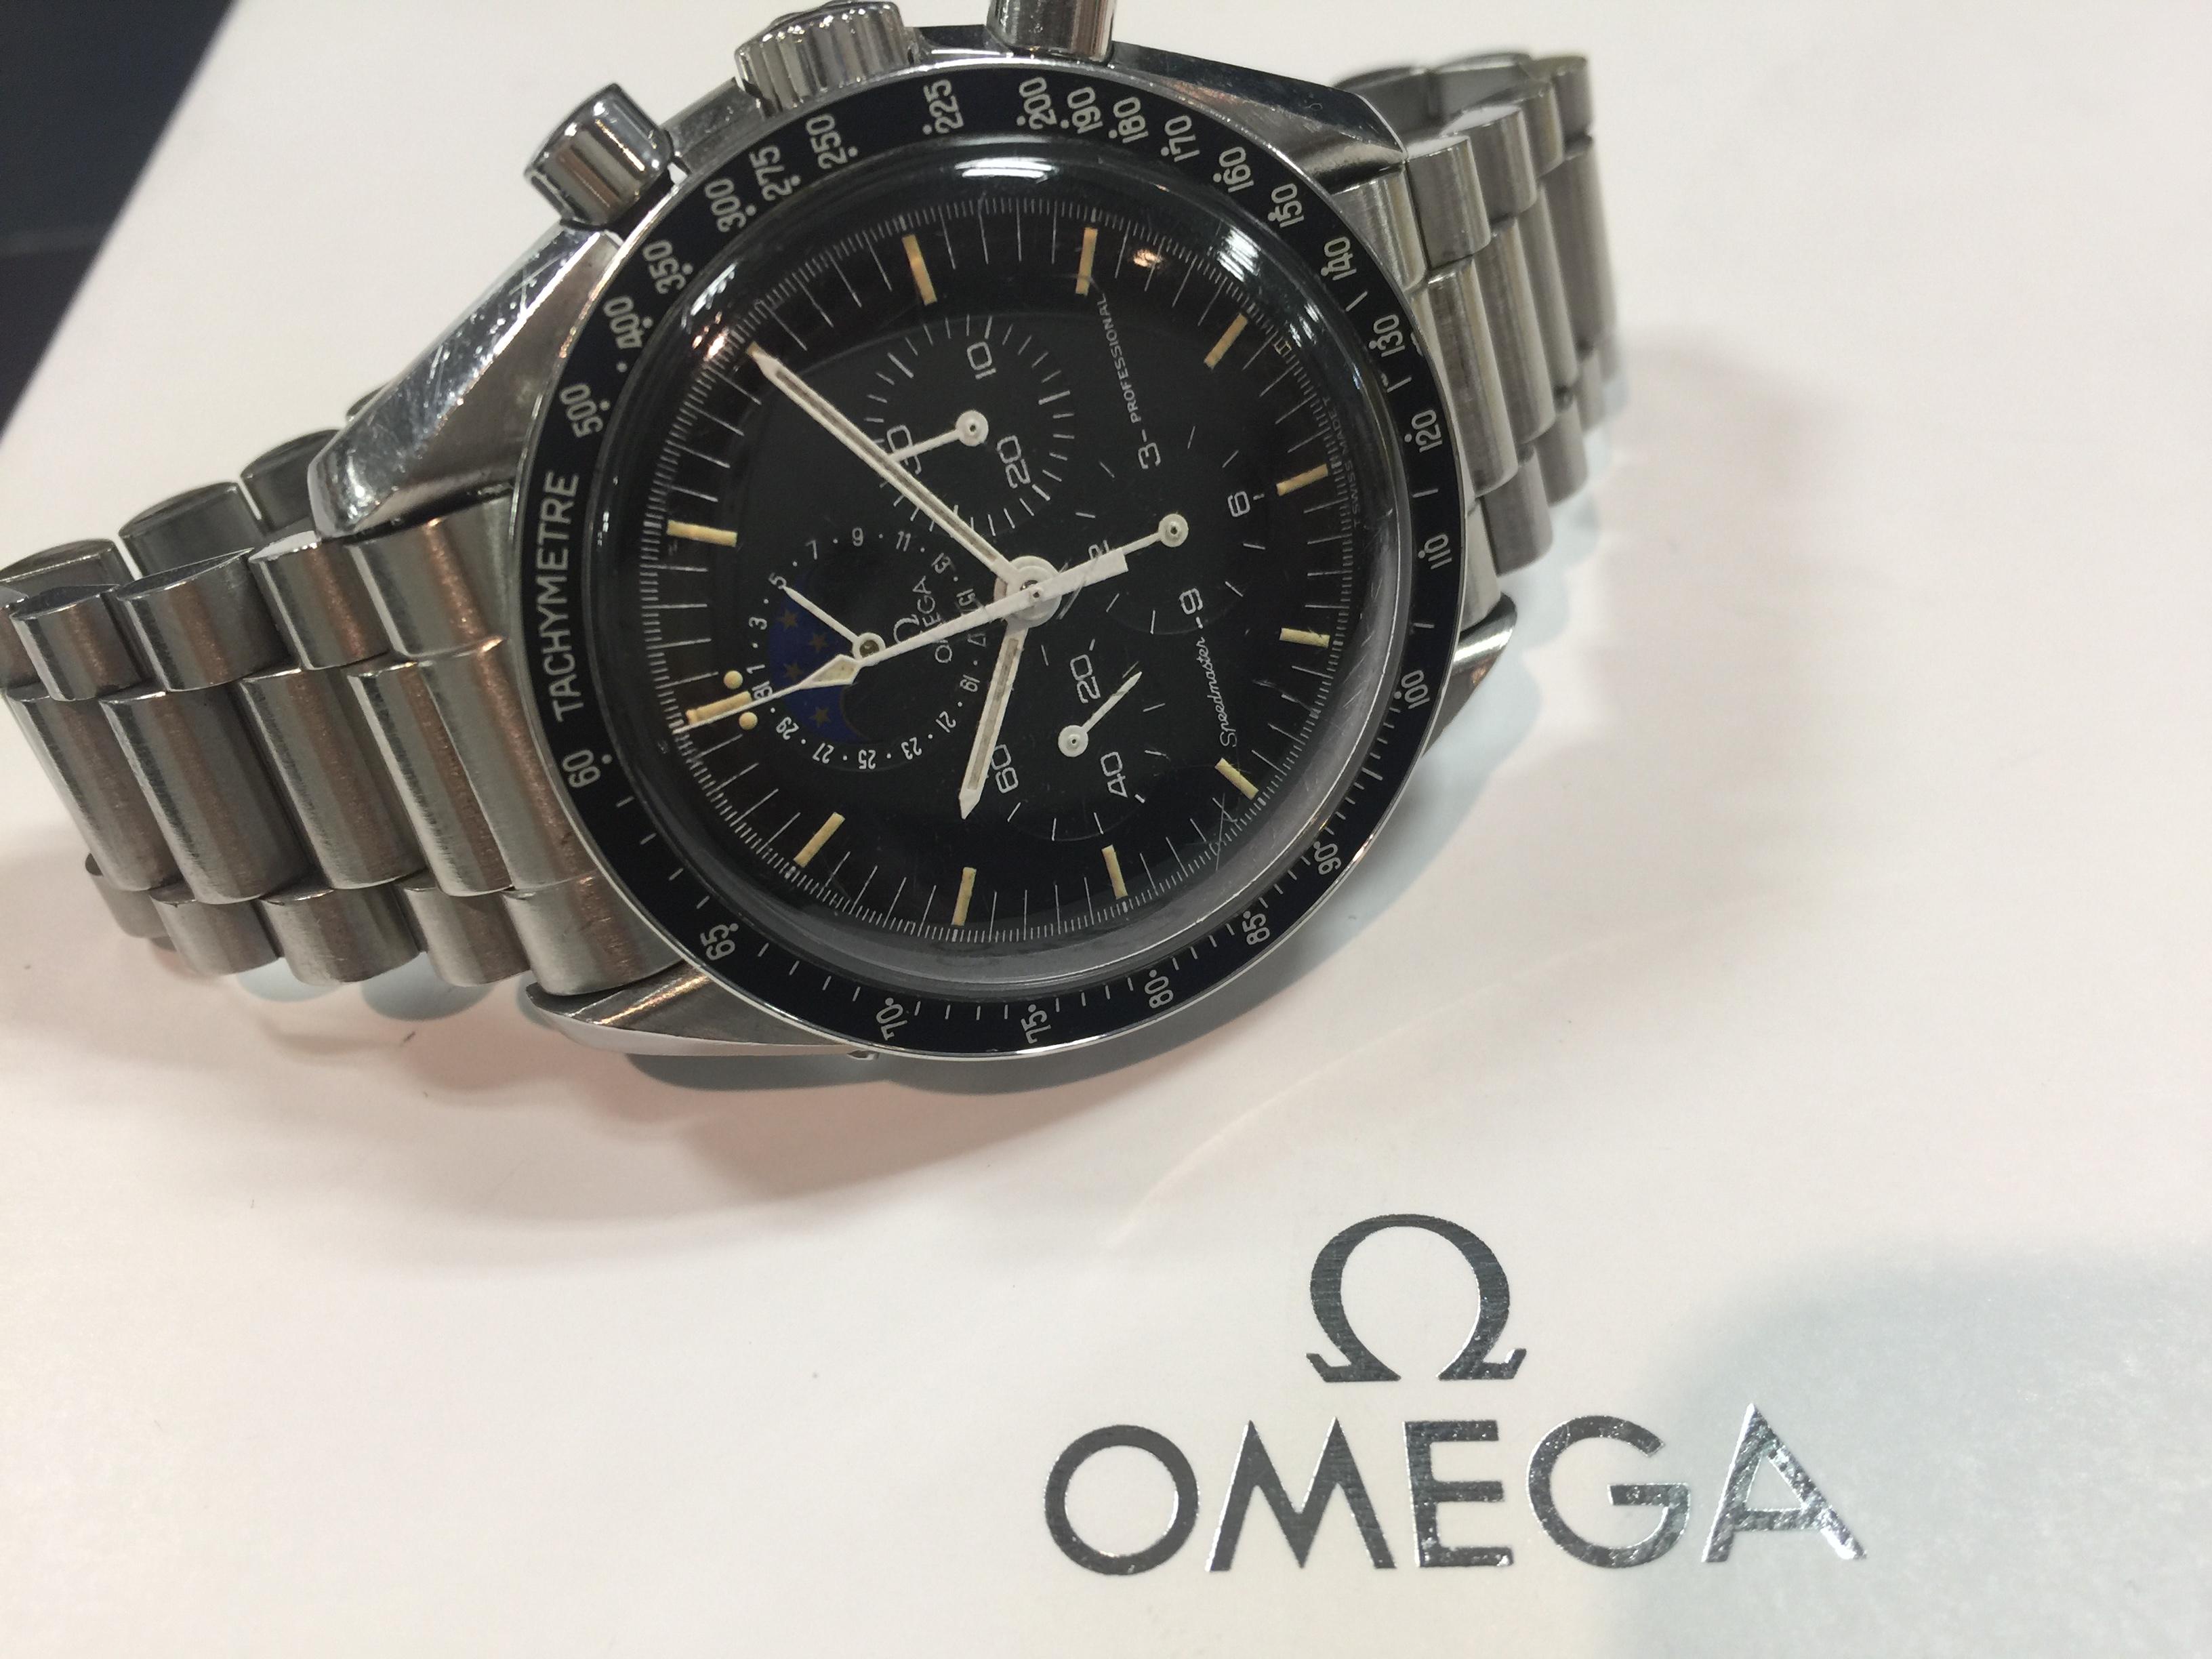 オメガ OMEGA スピードマスター プロフェッショナル ムーンフェイズ ST345.0809